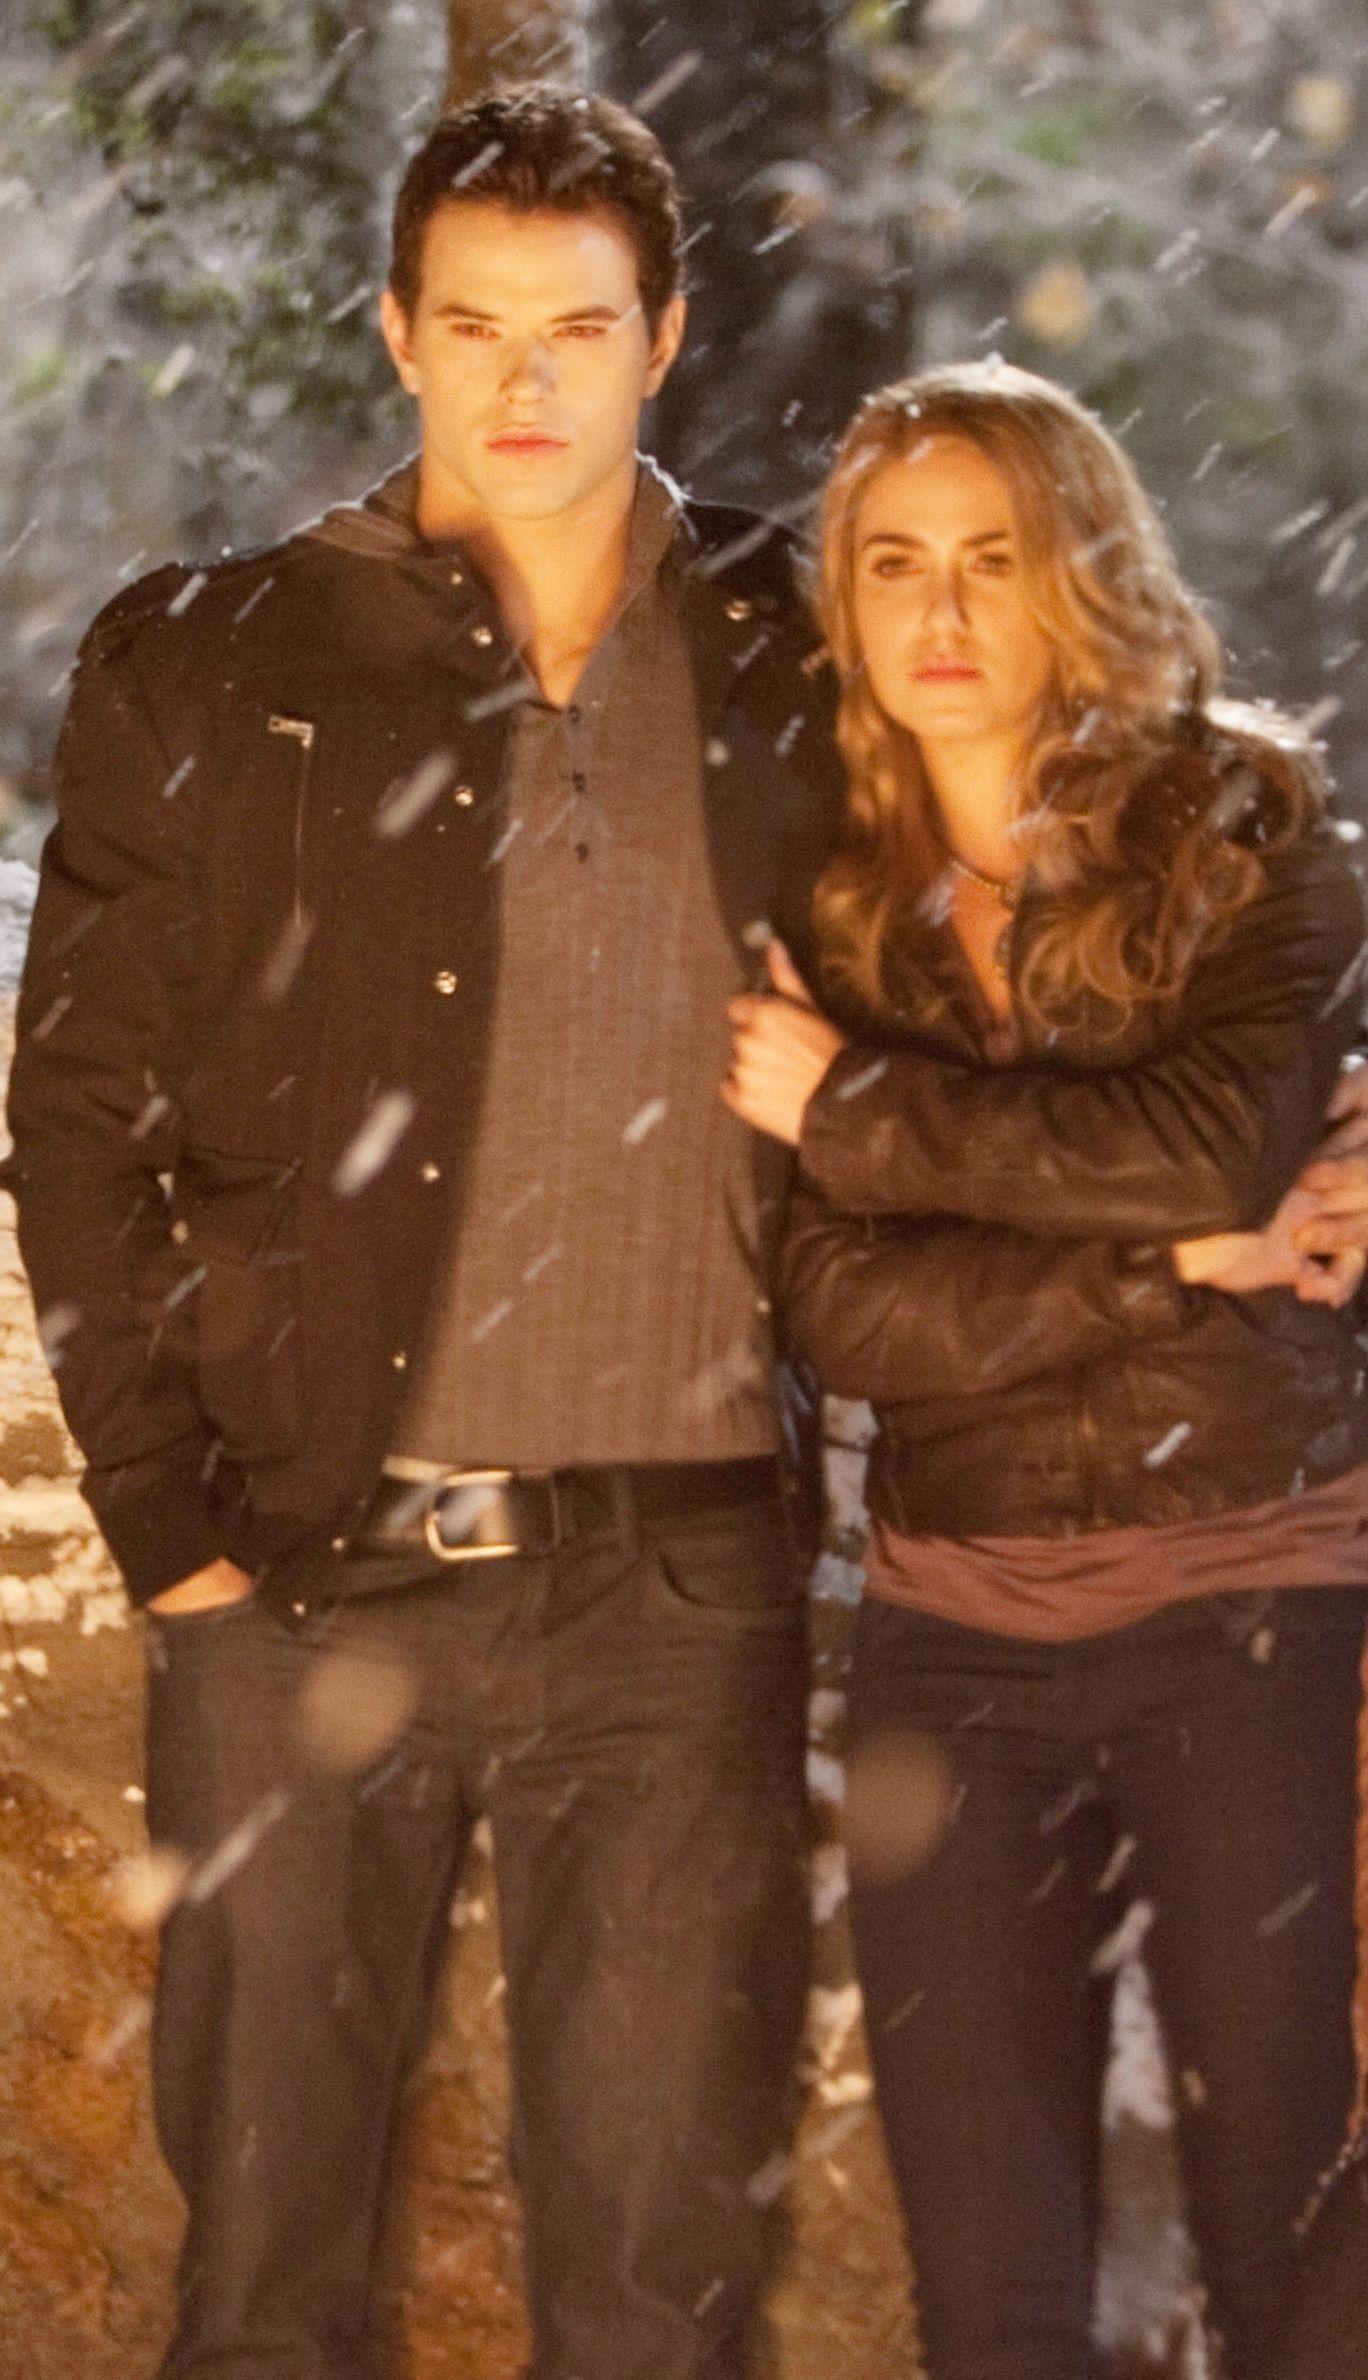 Rosalie y Emmett ooooh que pareja más bonita en la nieve :)  Rosalie y Emmet...